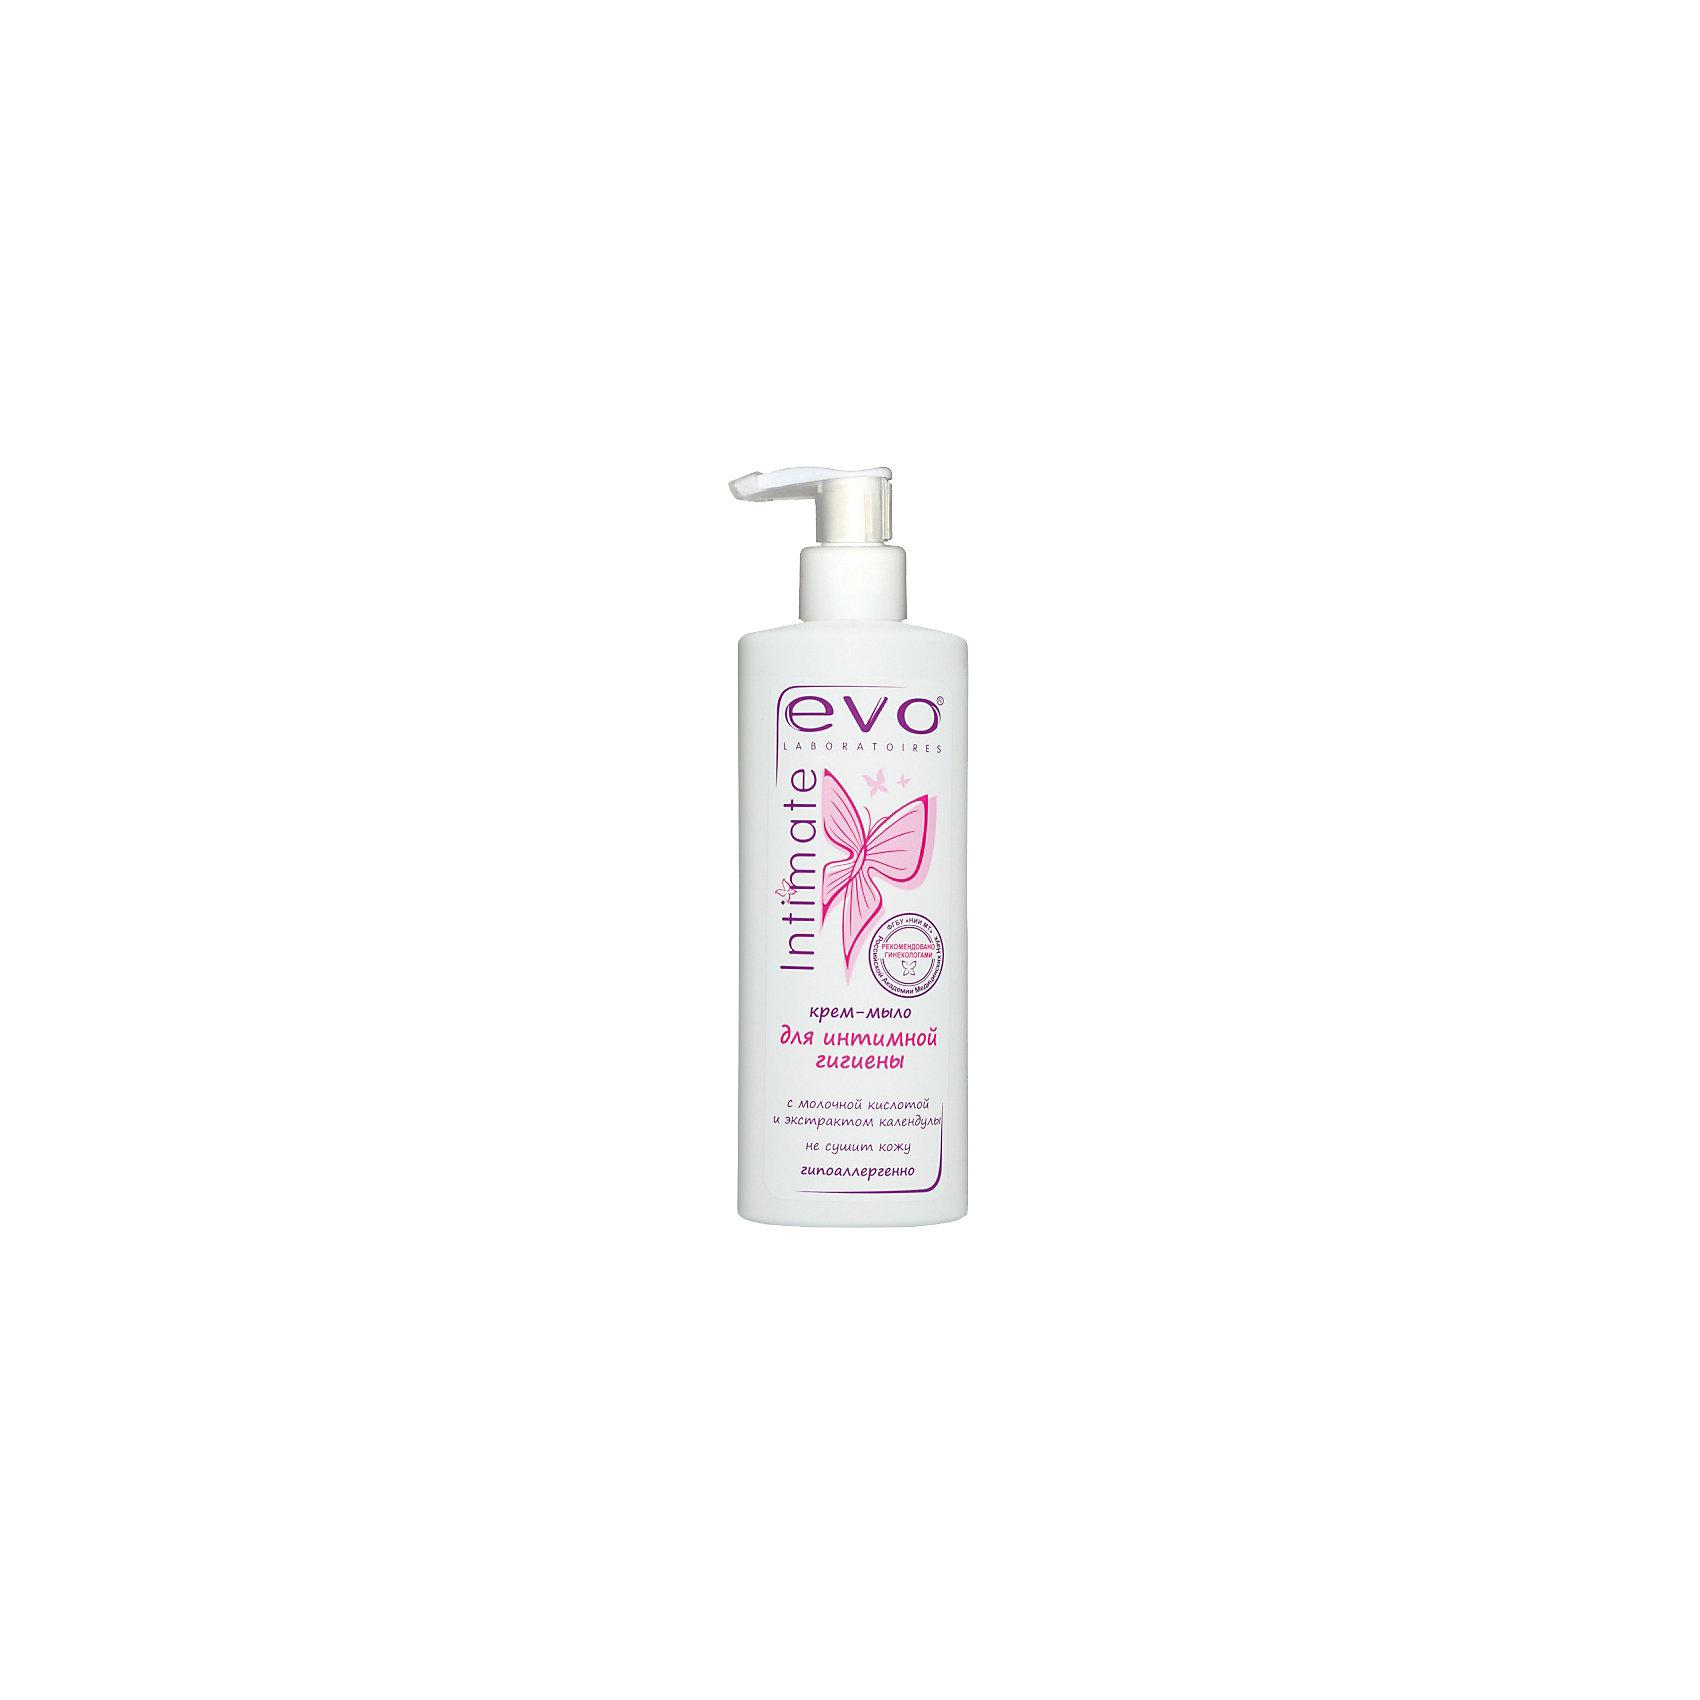 Крем-мыло для интимной гигиены EVO 200 мл.EVO - крем-мыло для интимной гигиены. Деликатно ухаживает, сохраняя естественный рН кожи, предупреждает сухость и раздражение. Крем-мыло содержит экстракт календулы, масло миндаля, молочную кислоту и аллантоин. Это крем-мыло подарит комфорт и свежесть на весь день! <br><br>Дополнительная информация: <br>Объем: 200 мл<br><br>Вы можете приобрести крем-мыло для интимной гигиены EVO в нашем интернет-магазине.<br><br>Ширина мм: 35<br>Глубина мм: 70<br>Высота мм: 190<br>Вес г: 250<br>Возраст от месяцев: 216<br>Возраст до месяцев: 600<br>Пол: Унисекс<br>Возраст: Детский<br>SKU: 5007690